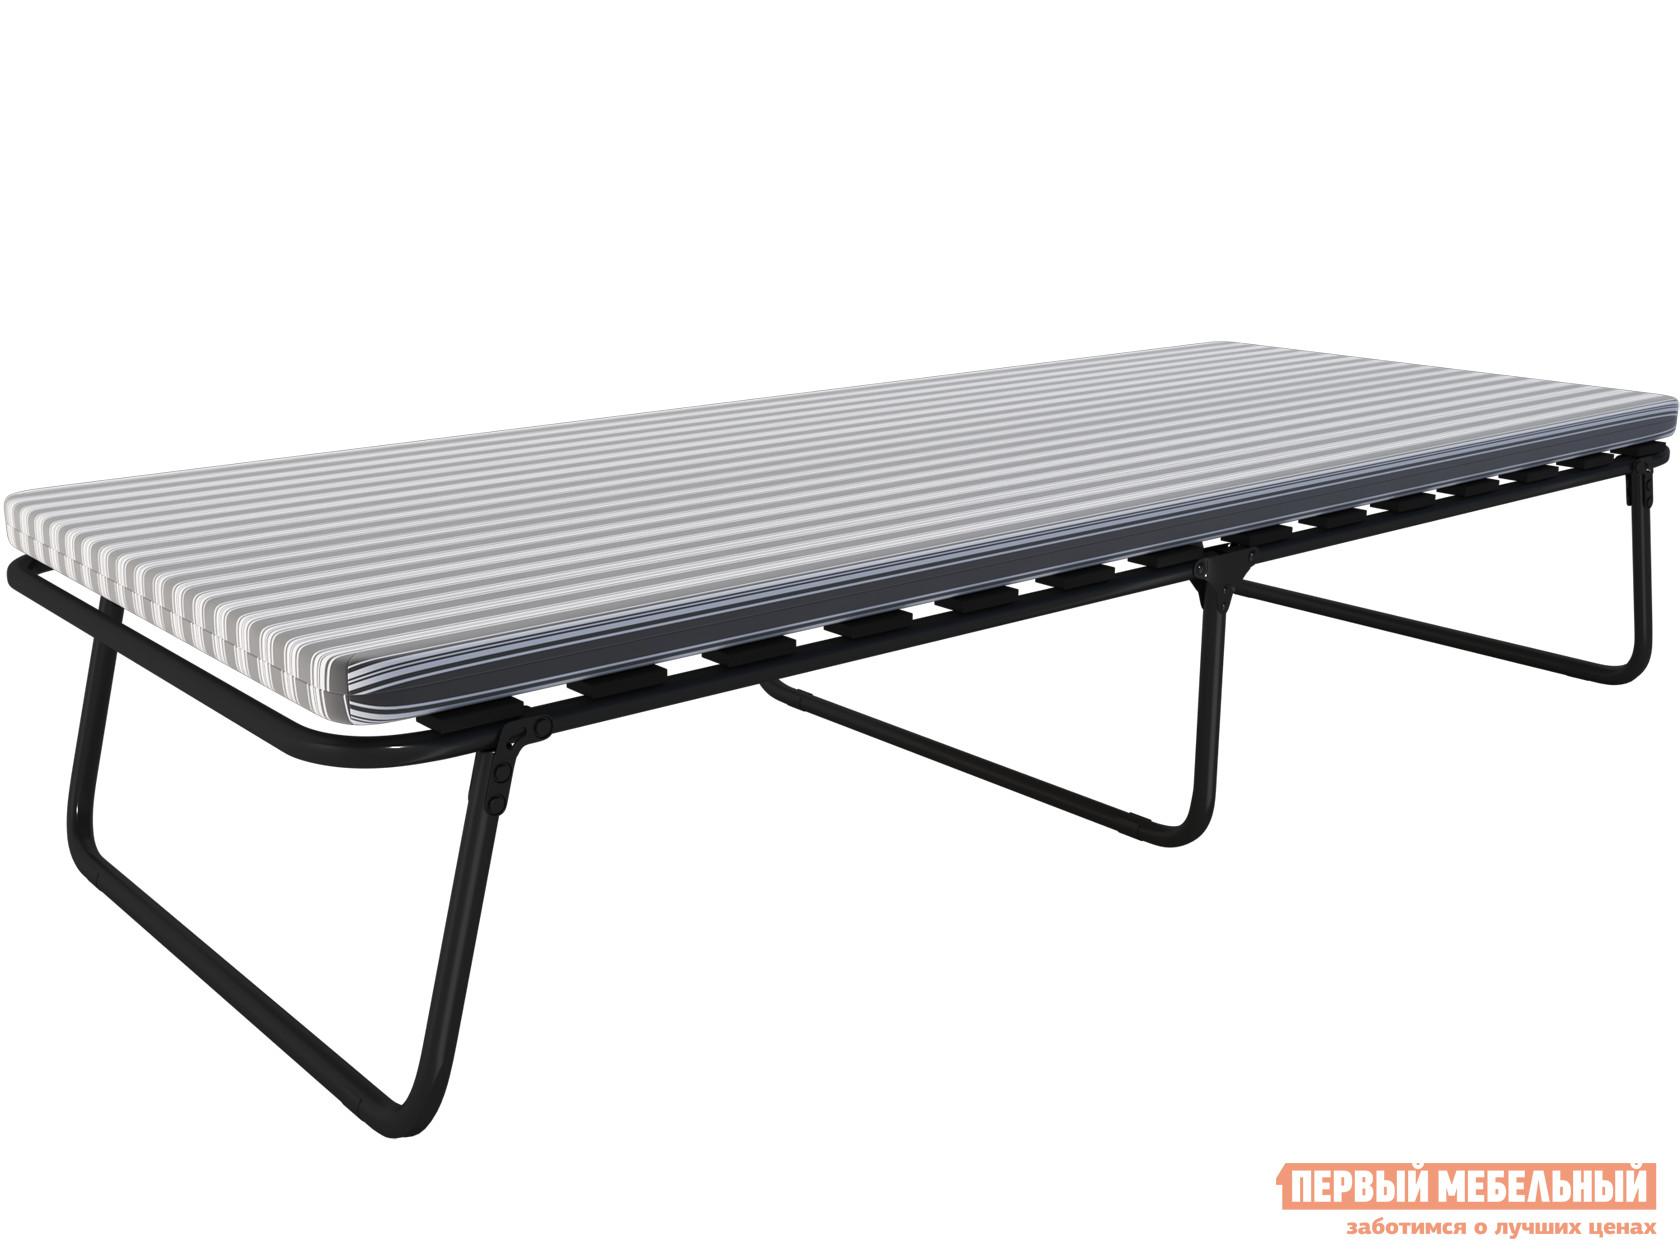 Раскладушка Мебель Импэкс LeSet, модель 212